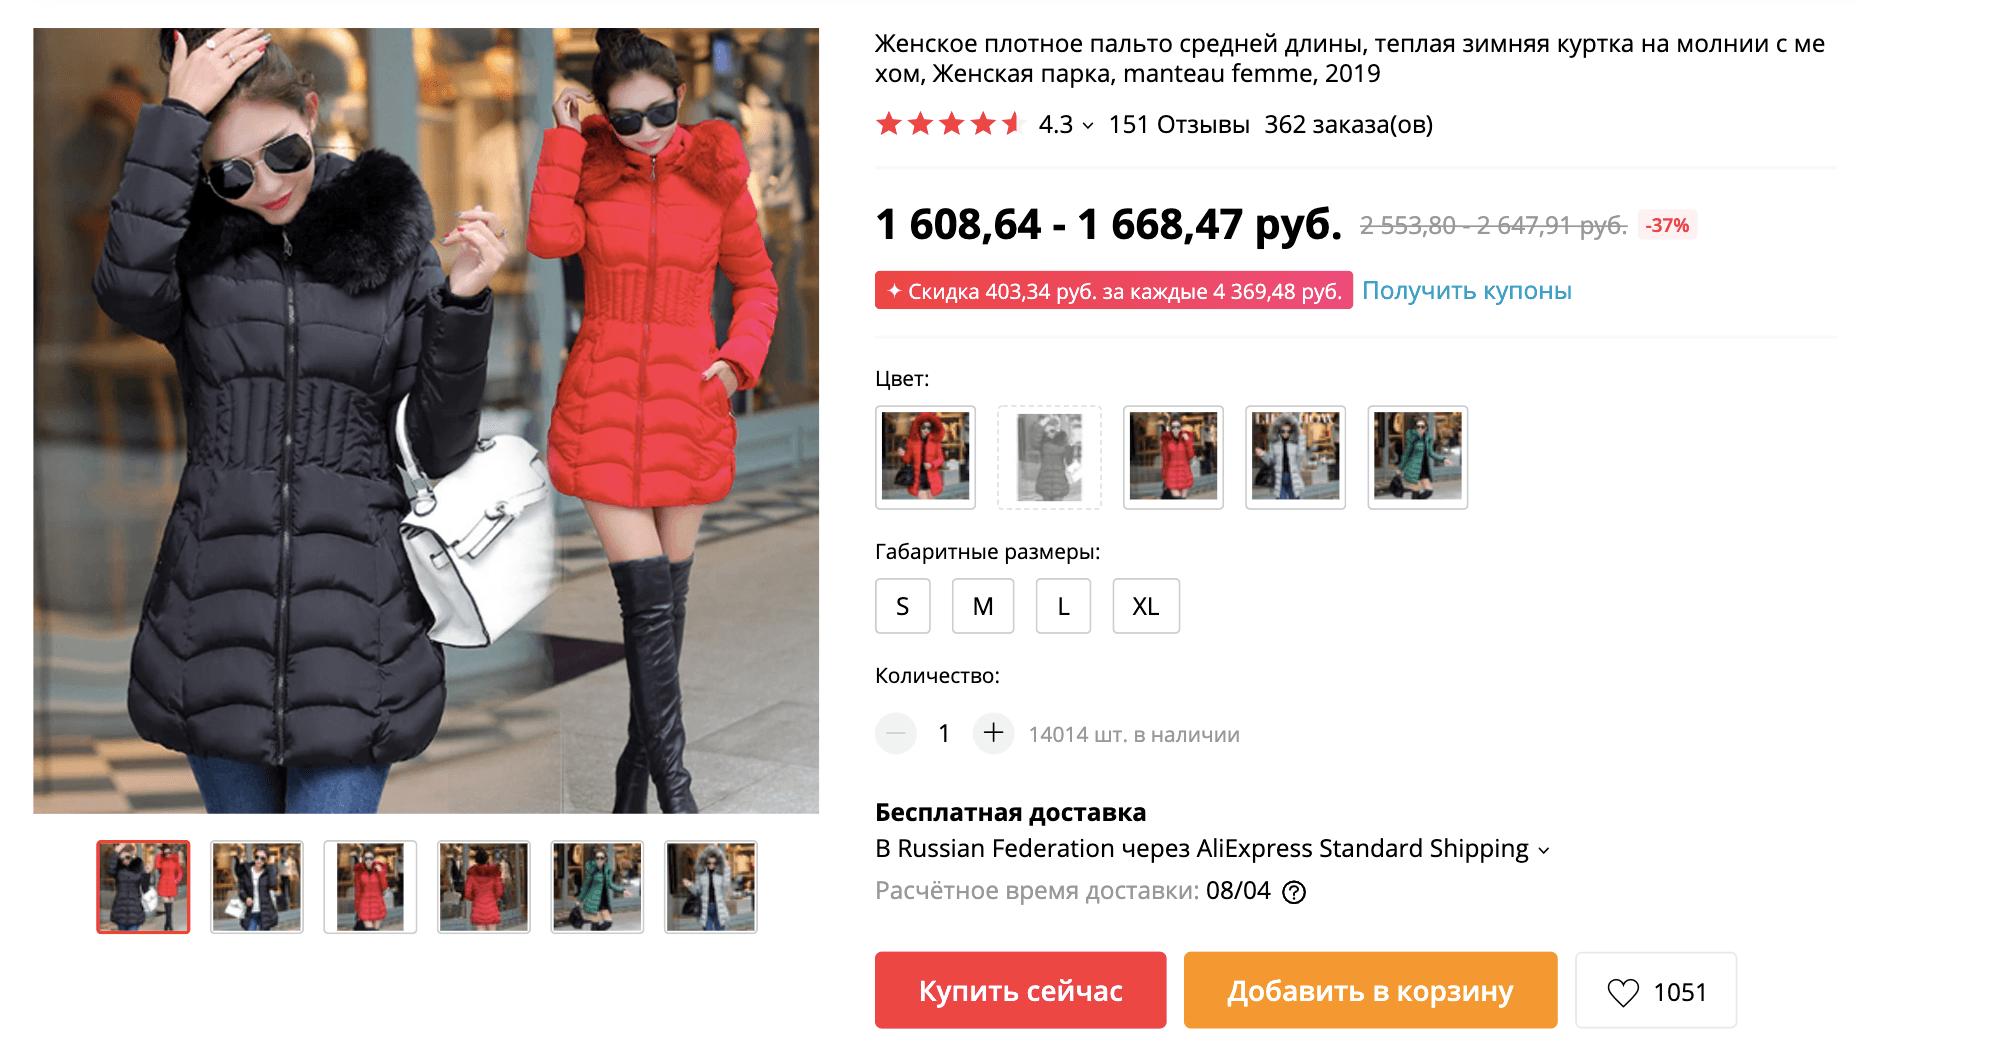 У этой куртки плохие отзывы: покупатели говорят, что даже в межсезонье в ней холодно. К томуже маловероятно, что качественная зимняя куртка будет стоить полторы тысячи рублей